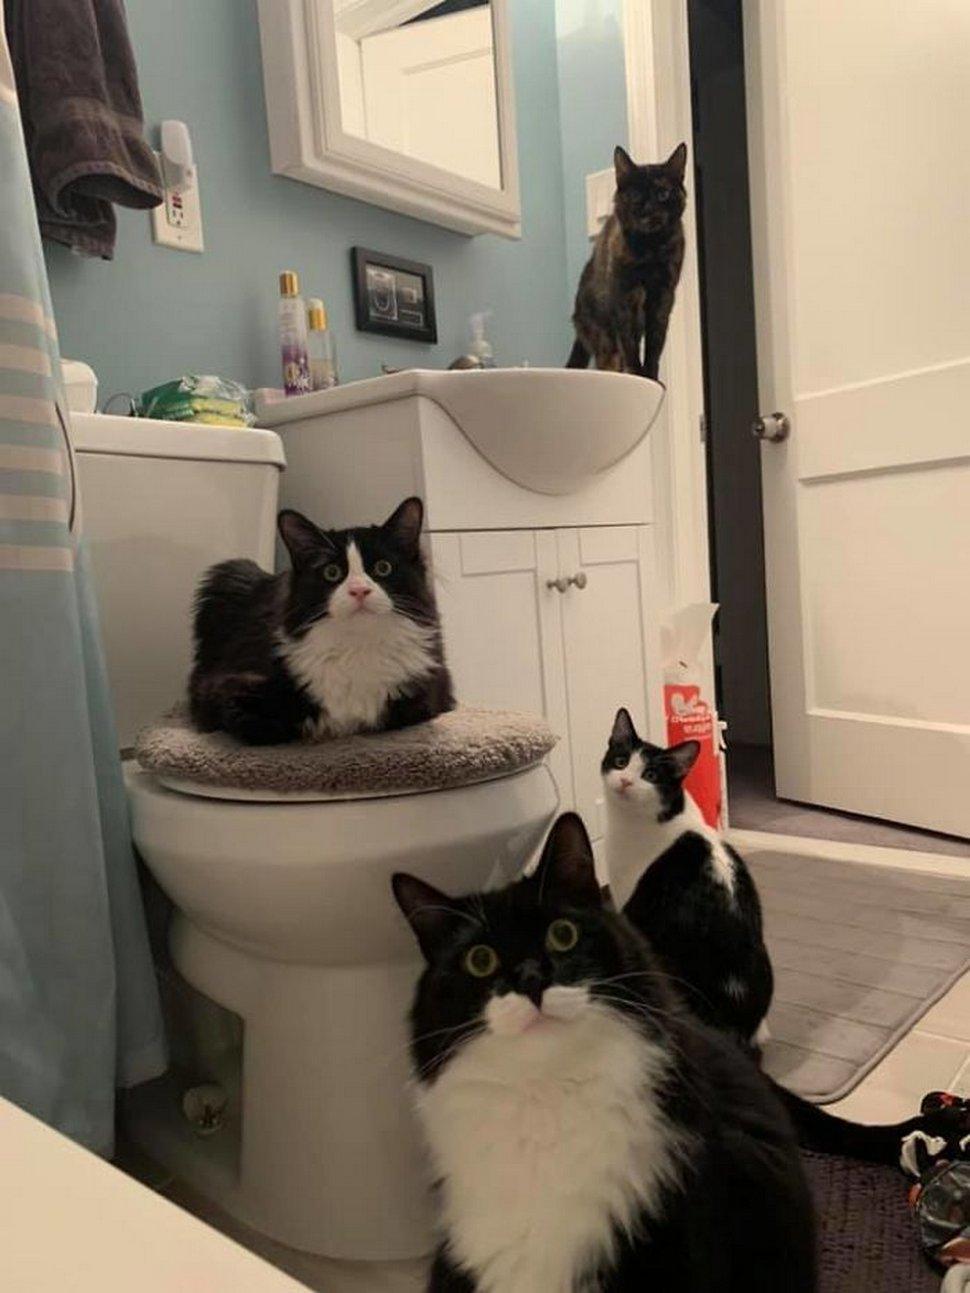 Ces chats envahissent l'espace personnel des gens ! Par Janvier Doyon Chats-envahissent-espace-personnel-006